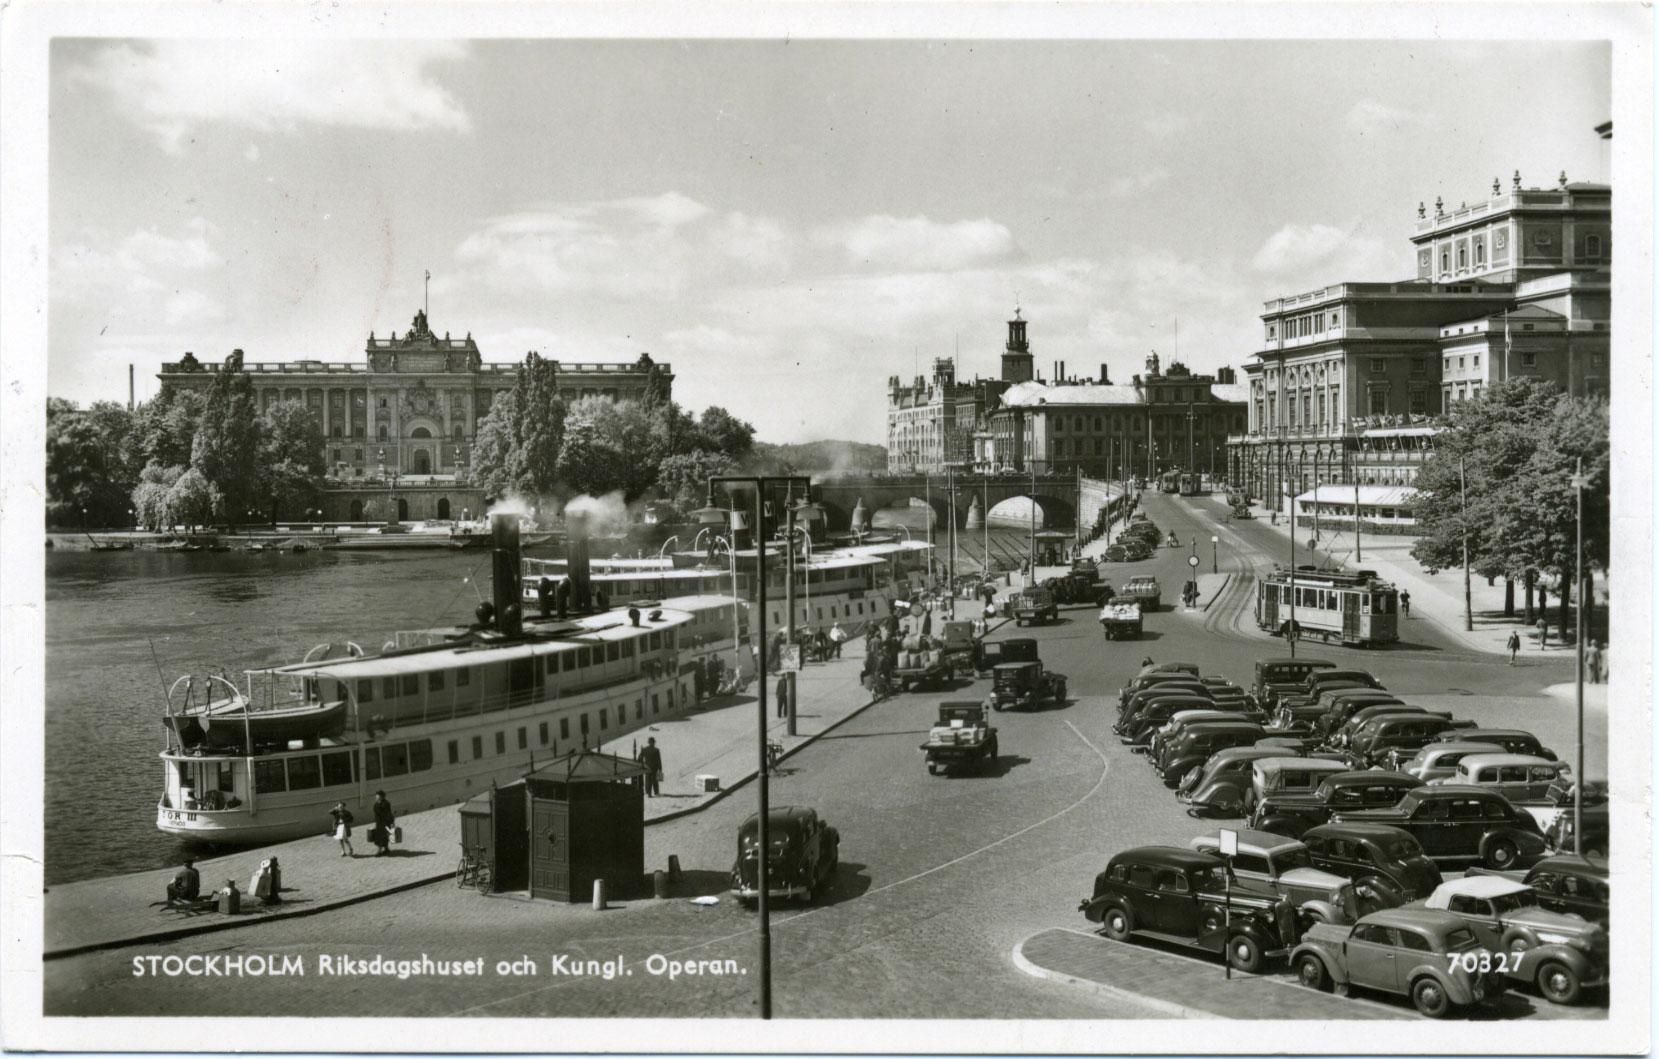 Operan och riksdagshuset